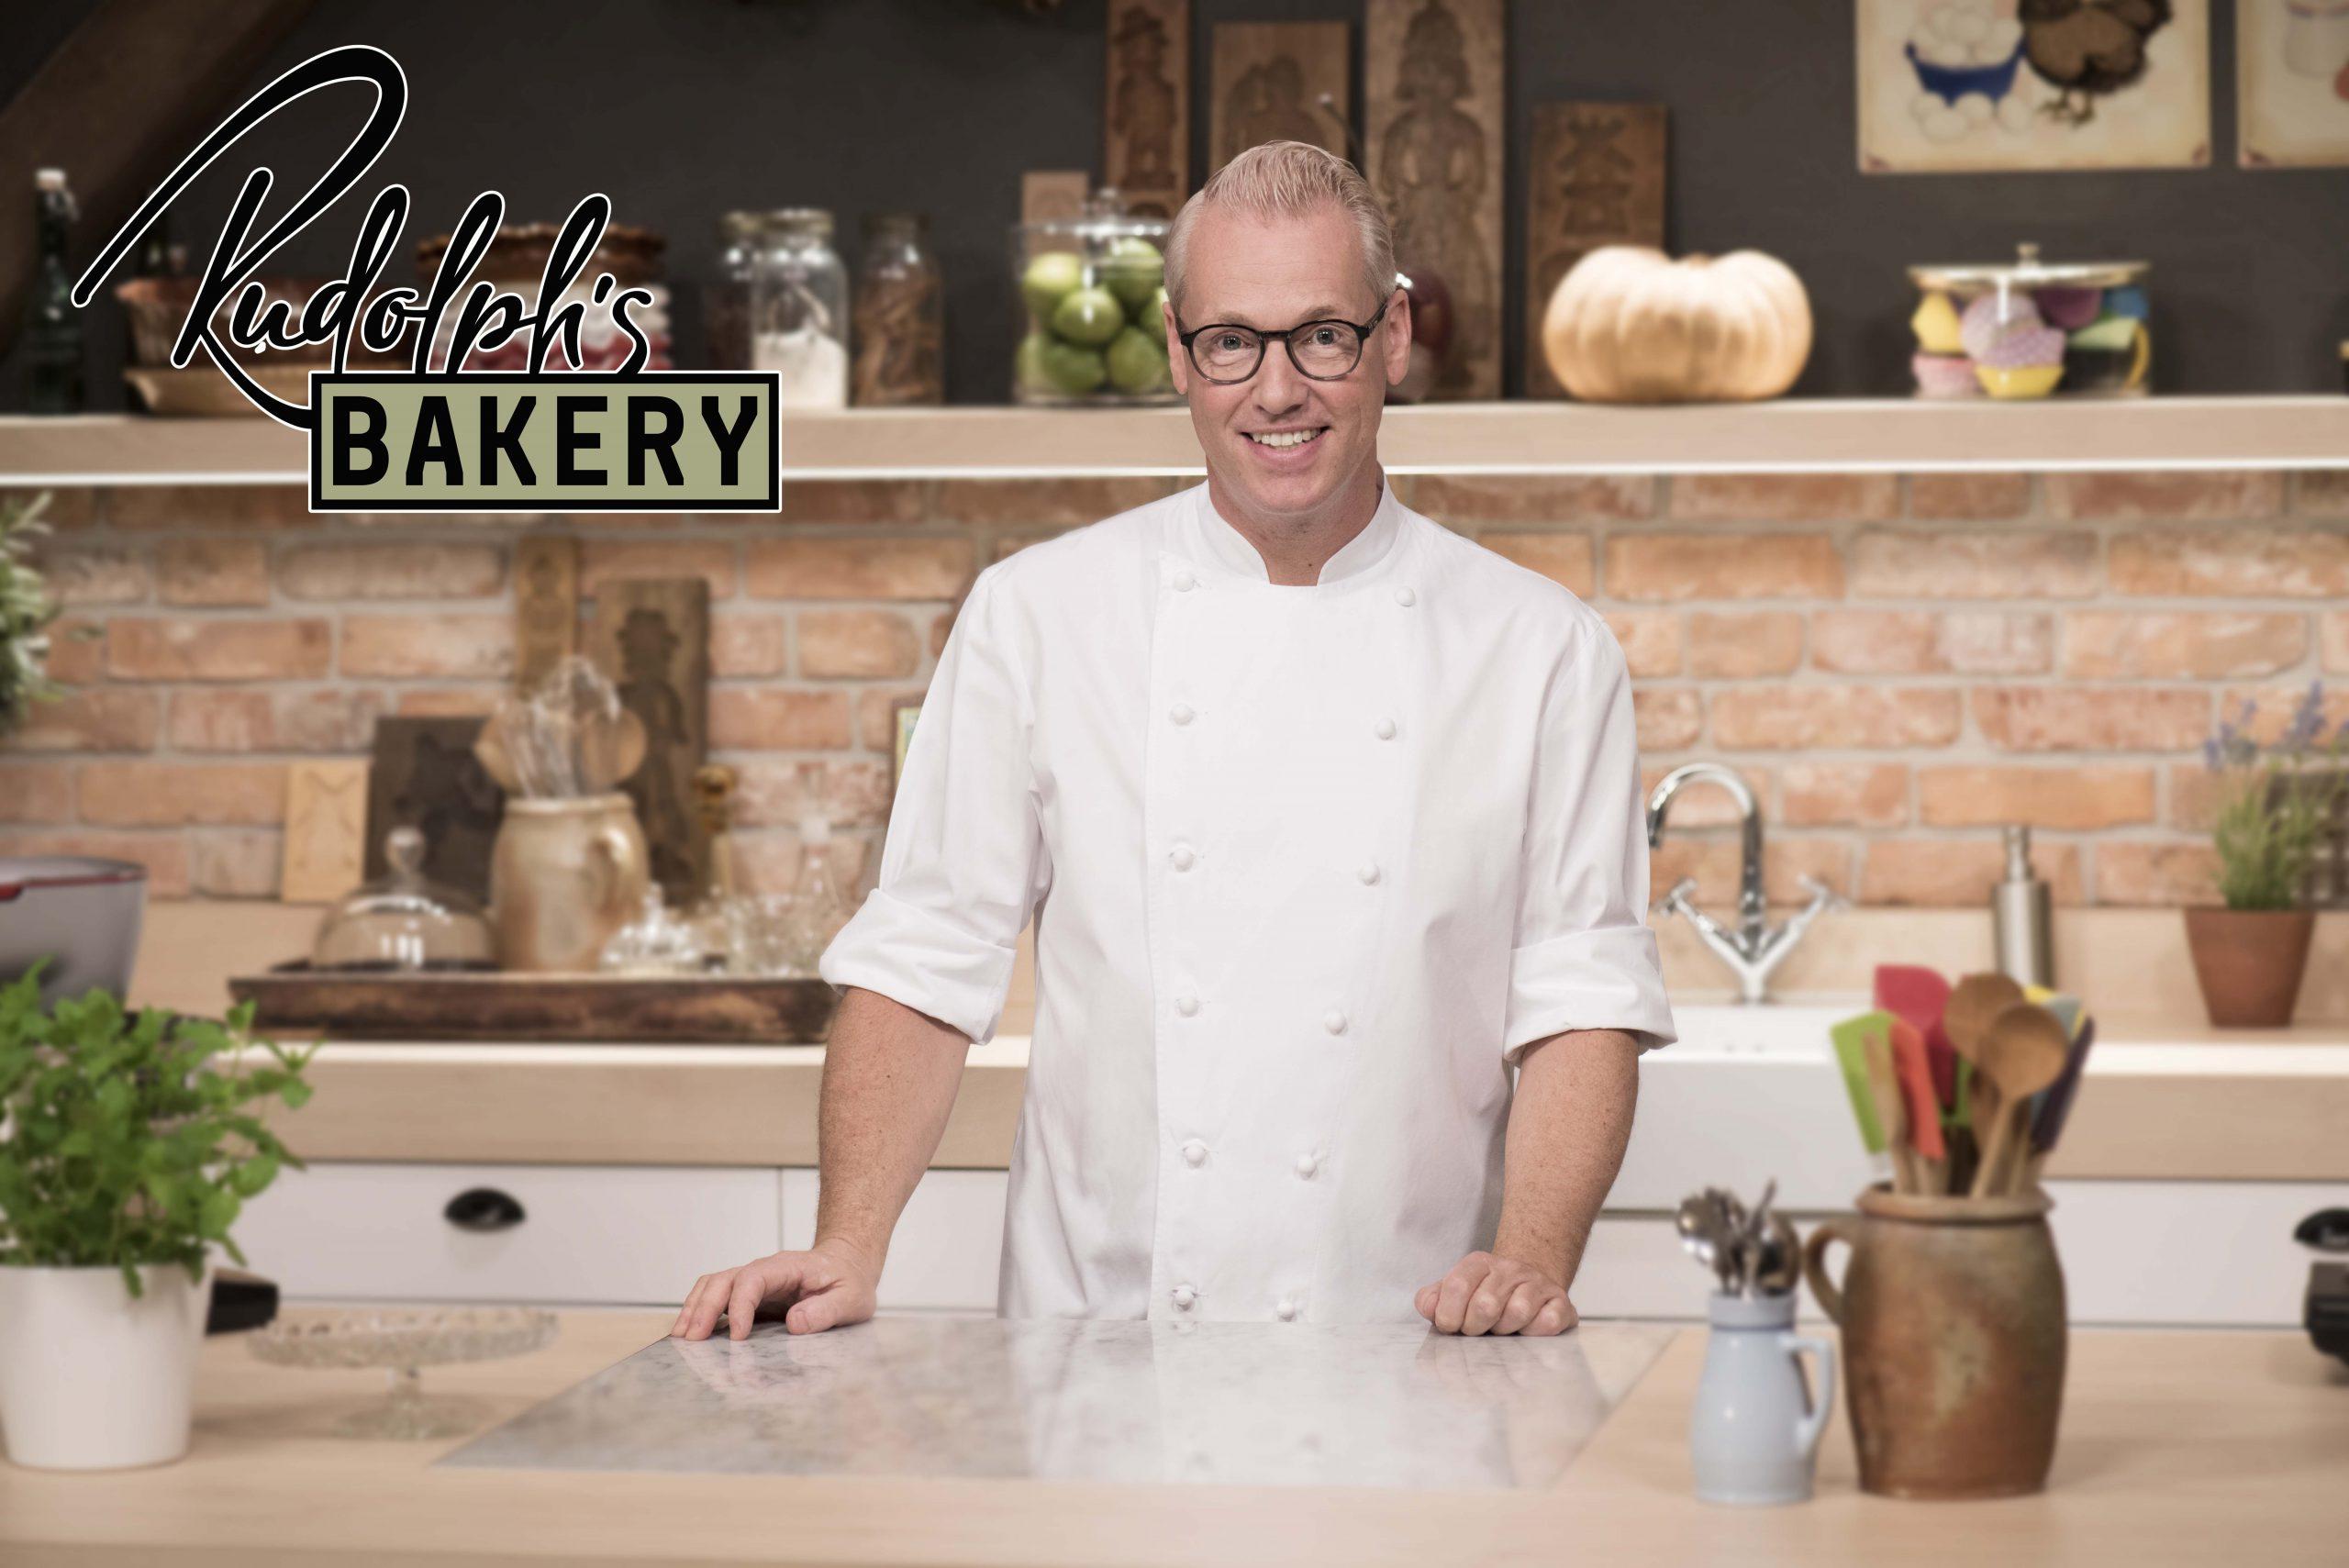 Rudolph's Bakery bij Intratuin Halsteren